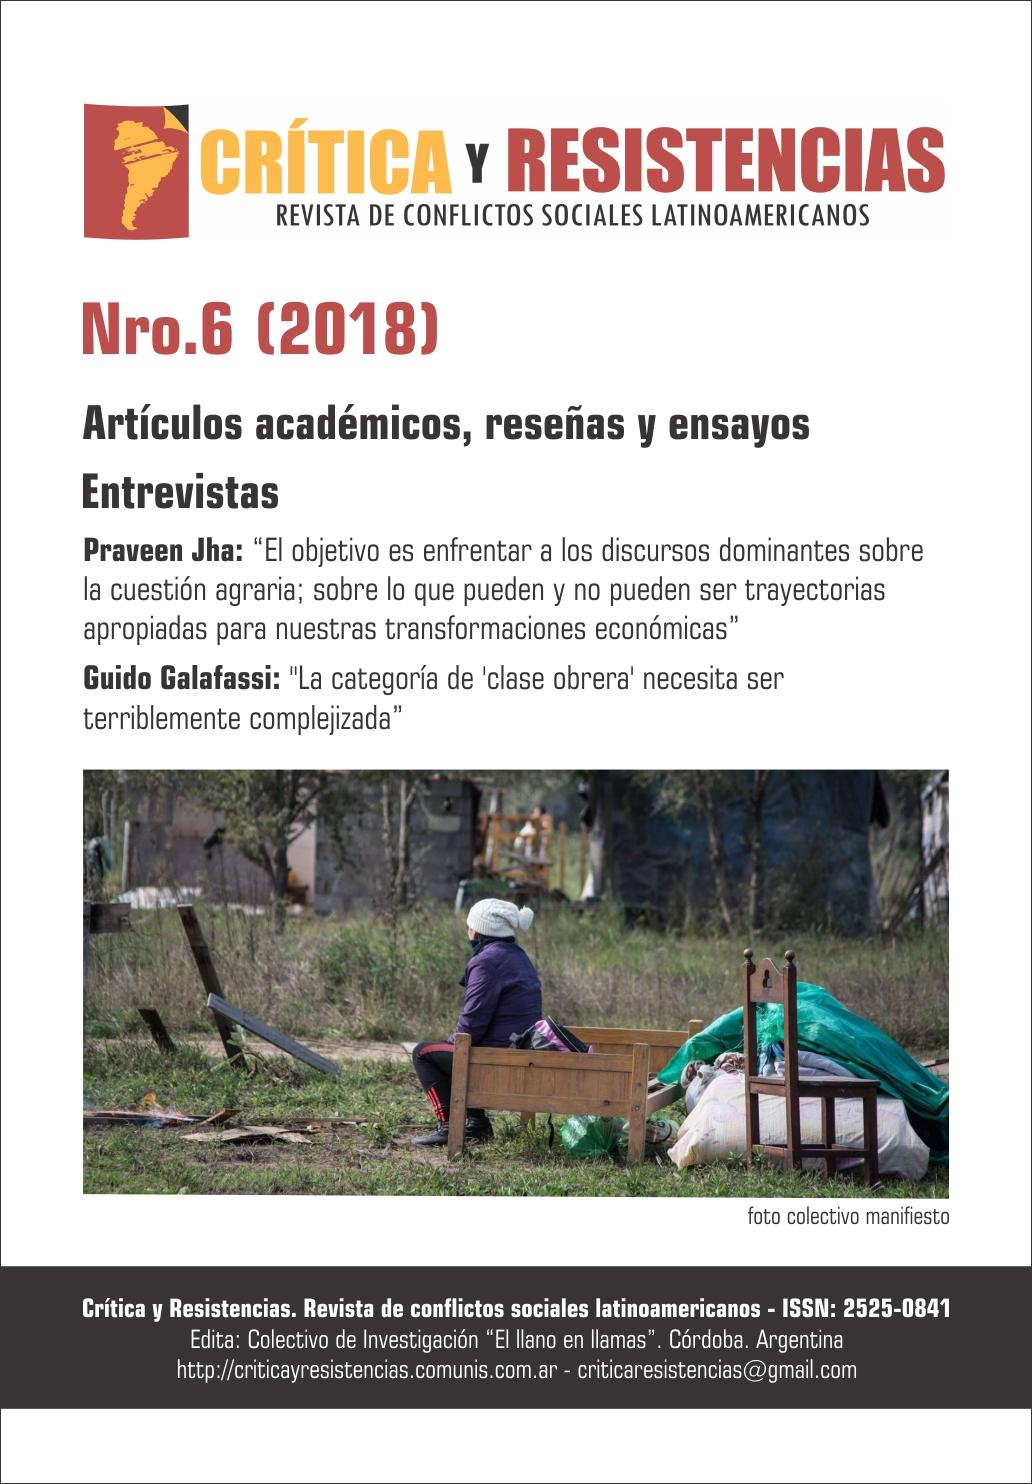 Portada de Revista Crítica y Resistencias Nº 6 (2018)